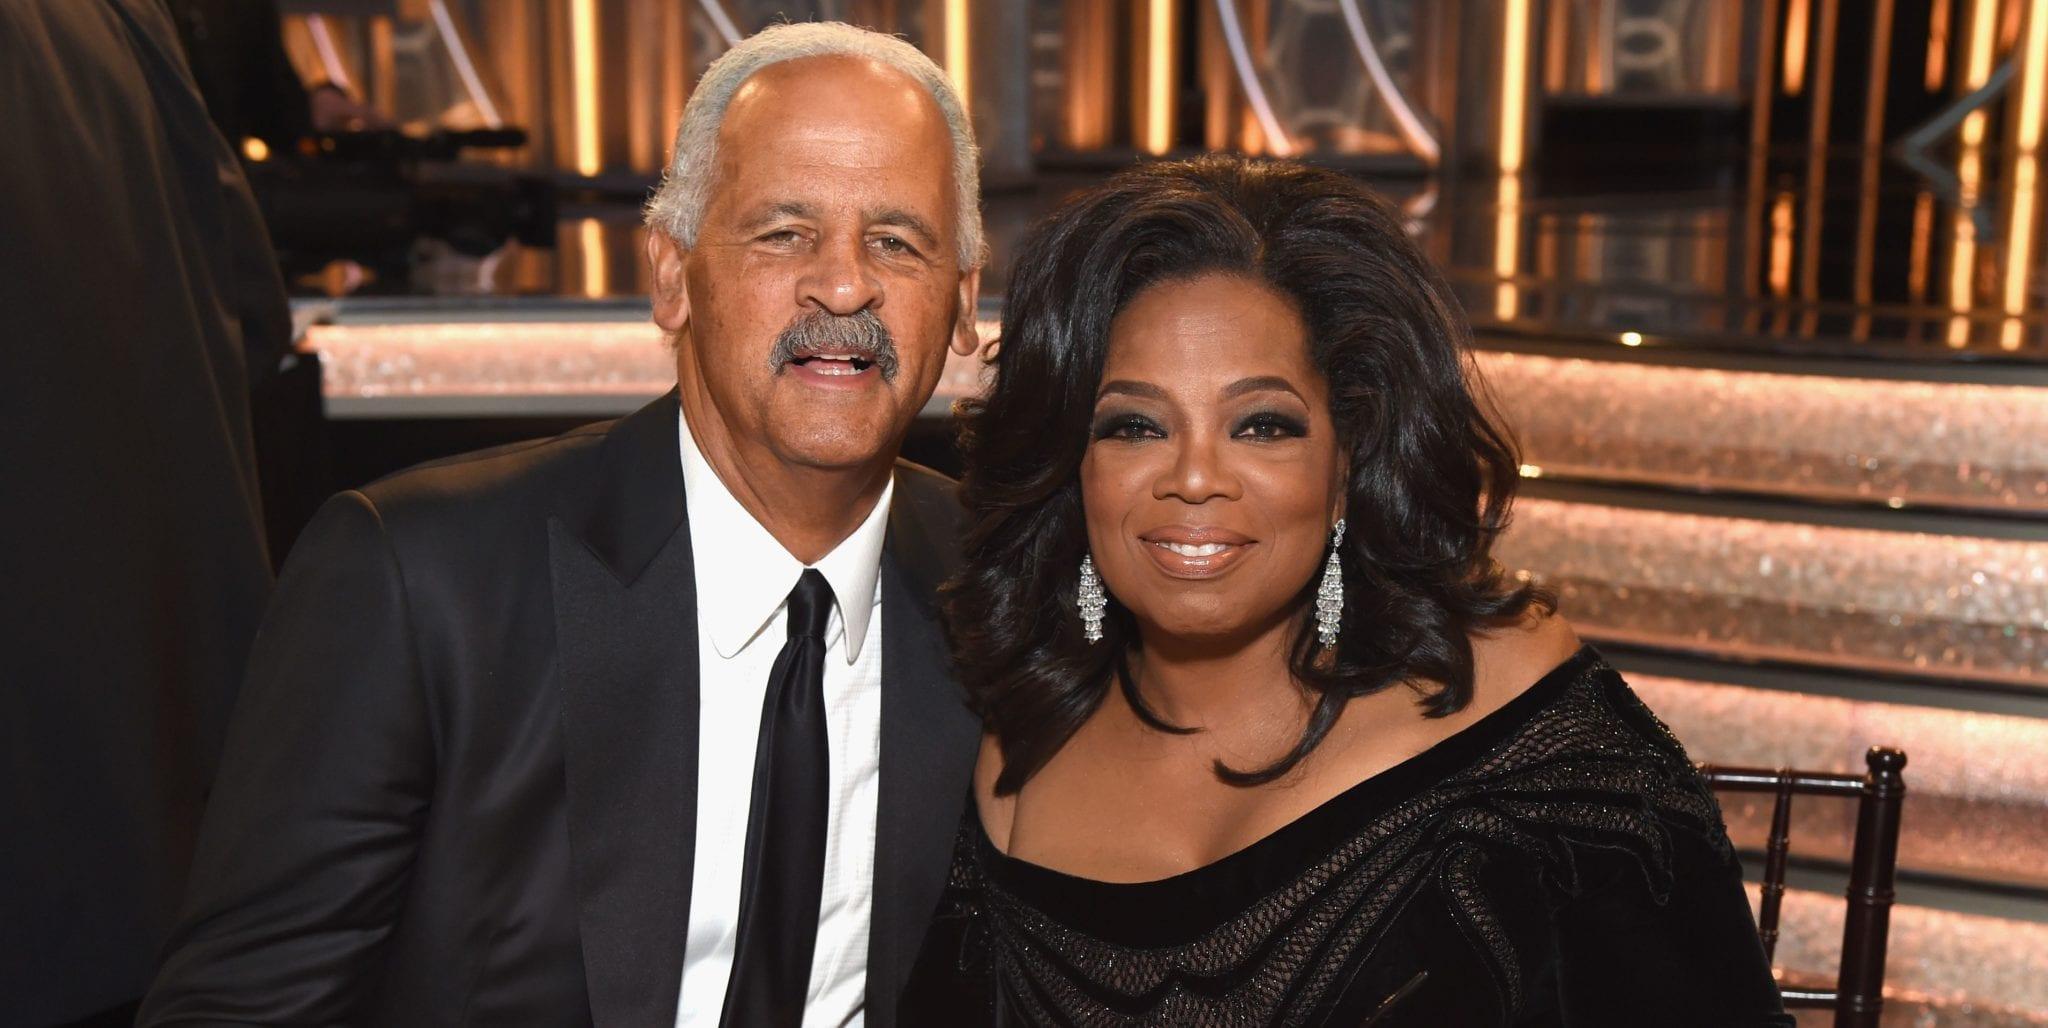 Oprah & Stedman En Couple Depuis 33 ans – Comment Cet Homme Vit Le Fait D'Être Avec Une Femme Aussi Puissante ?